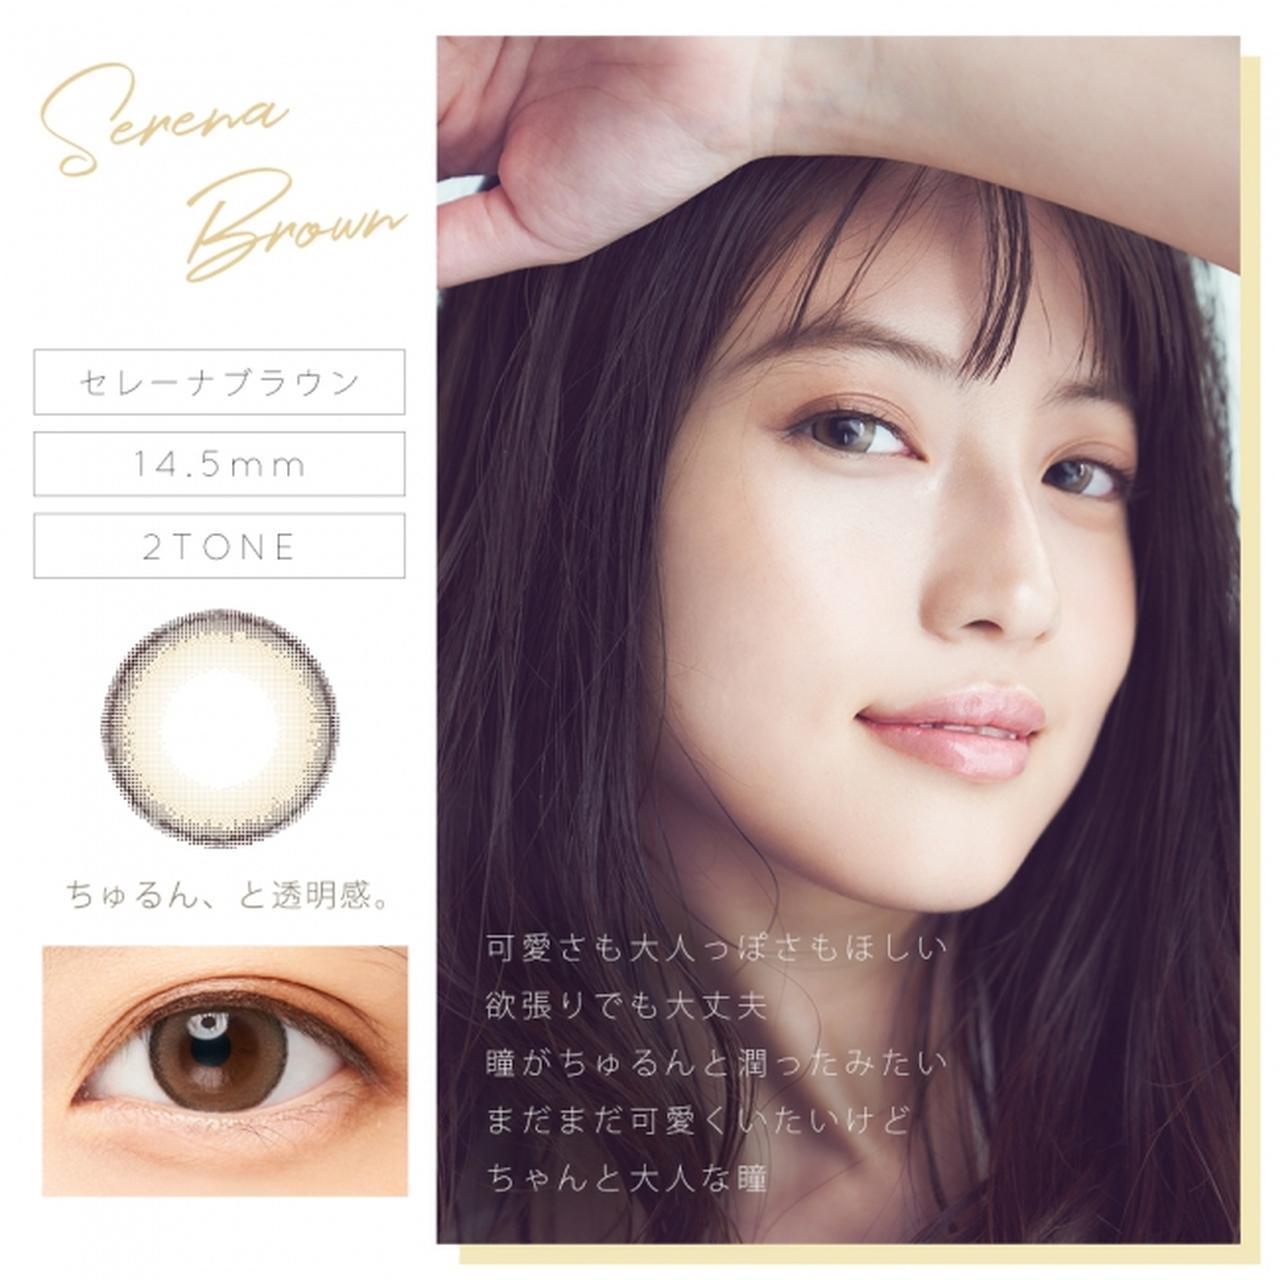 画像2: 今田美桜がカラコンブランド『Diya1day』新イメージモデルに就任!